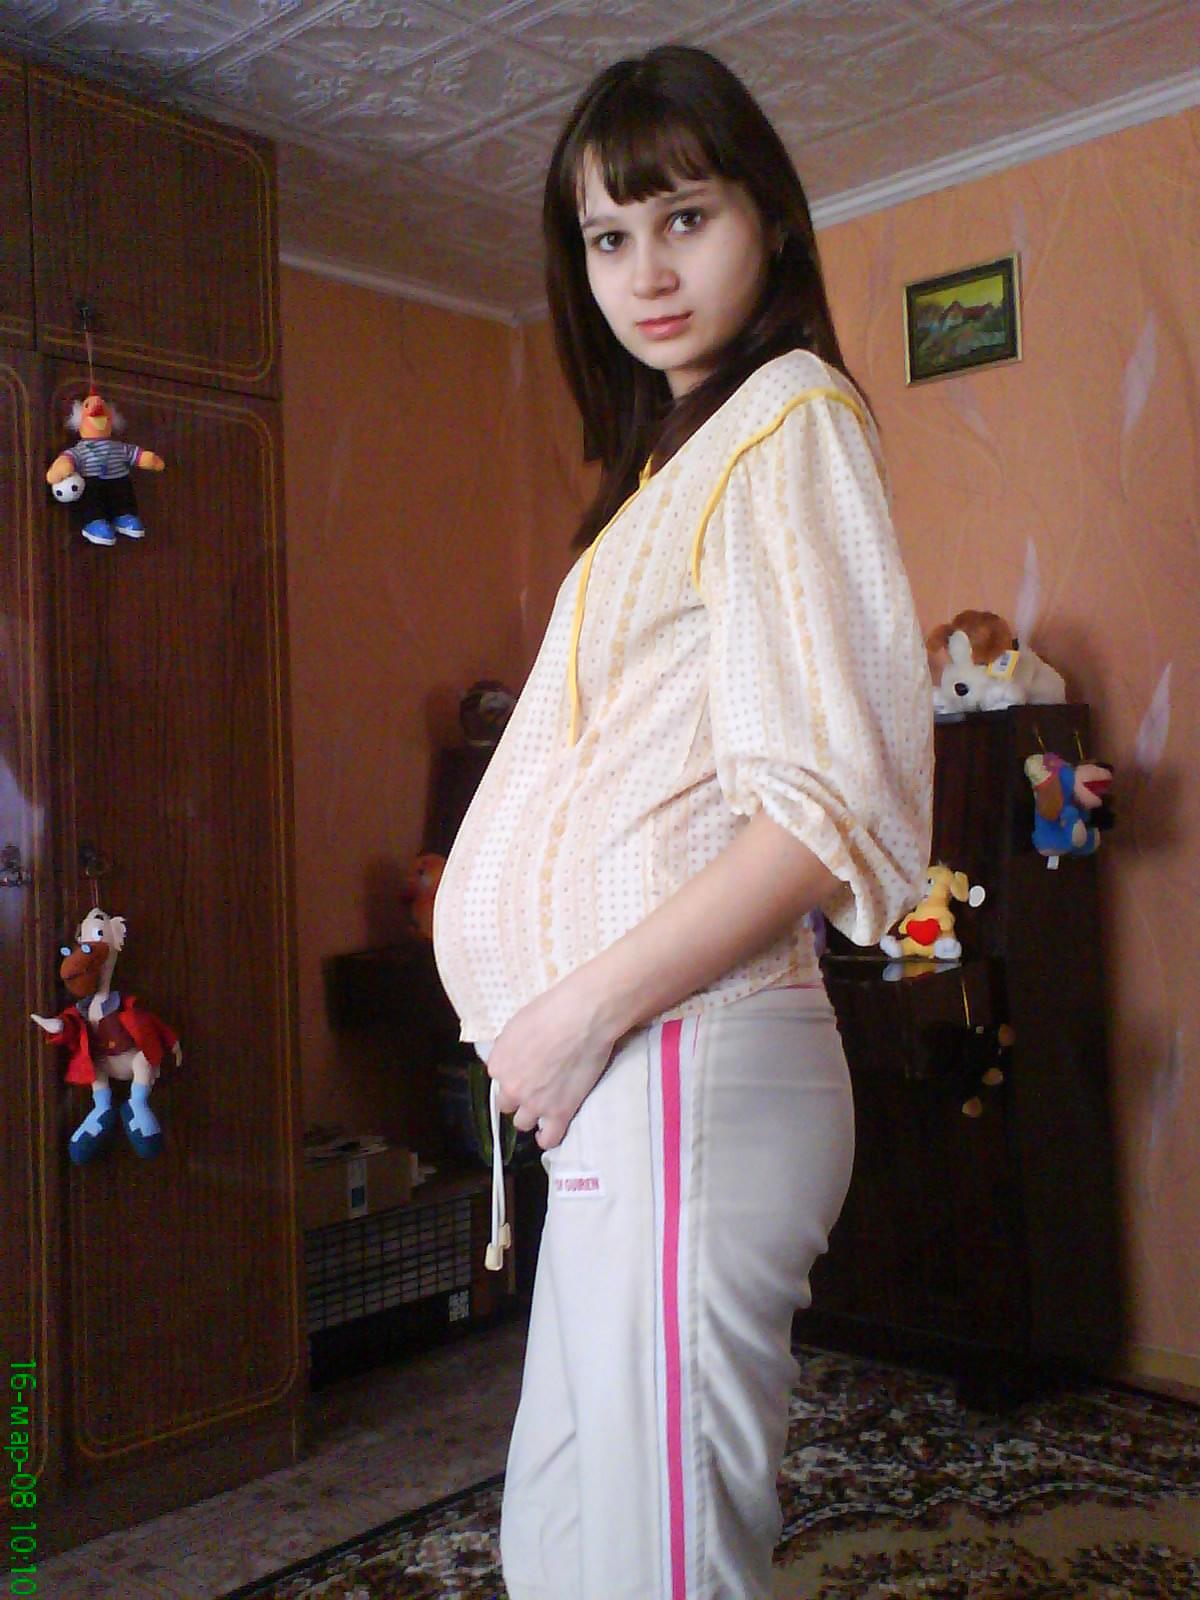 Беременные девушки 7 месяцев 84